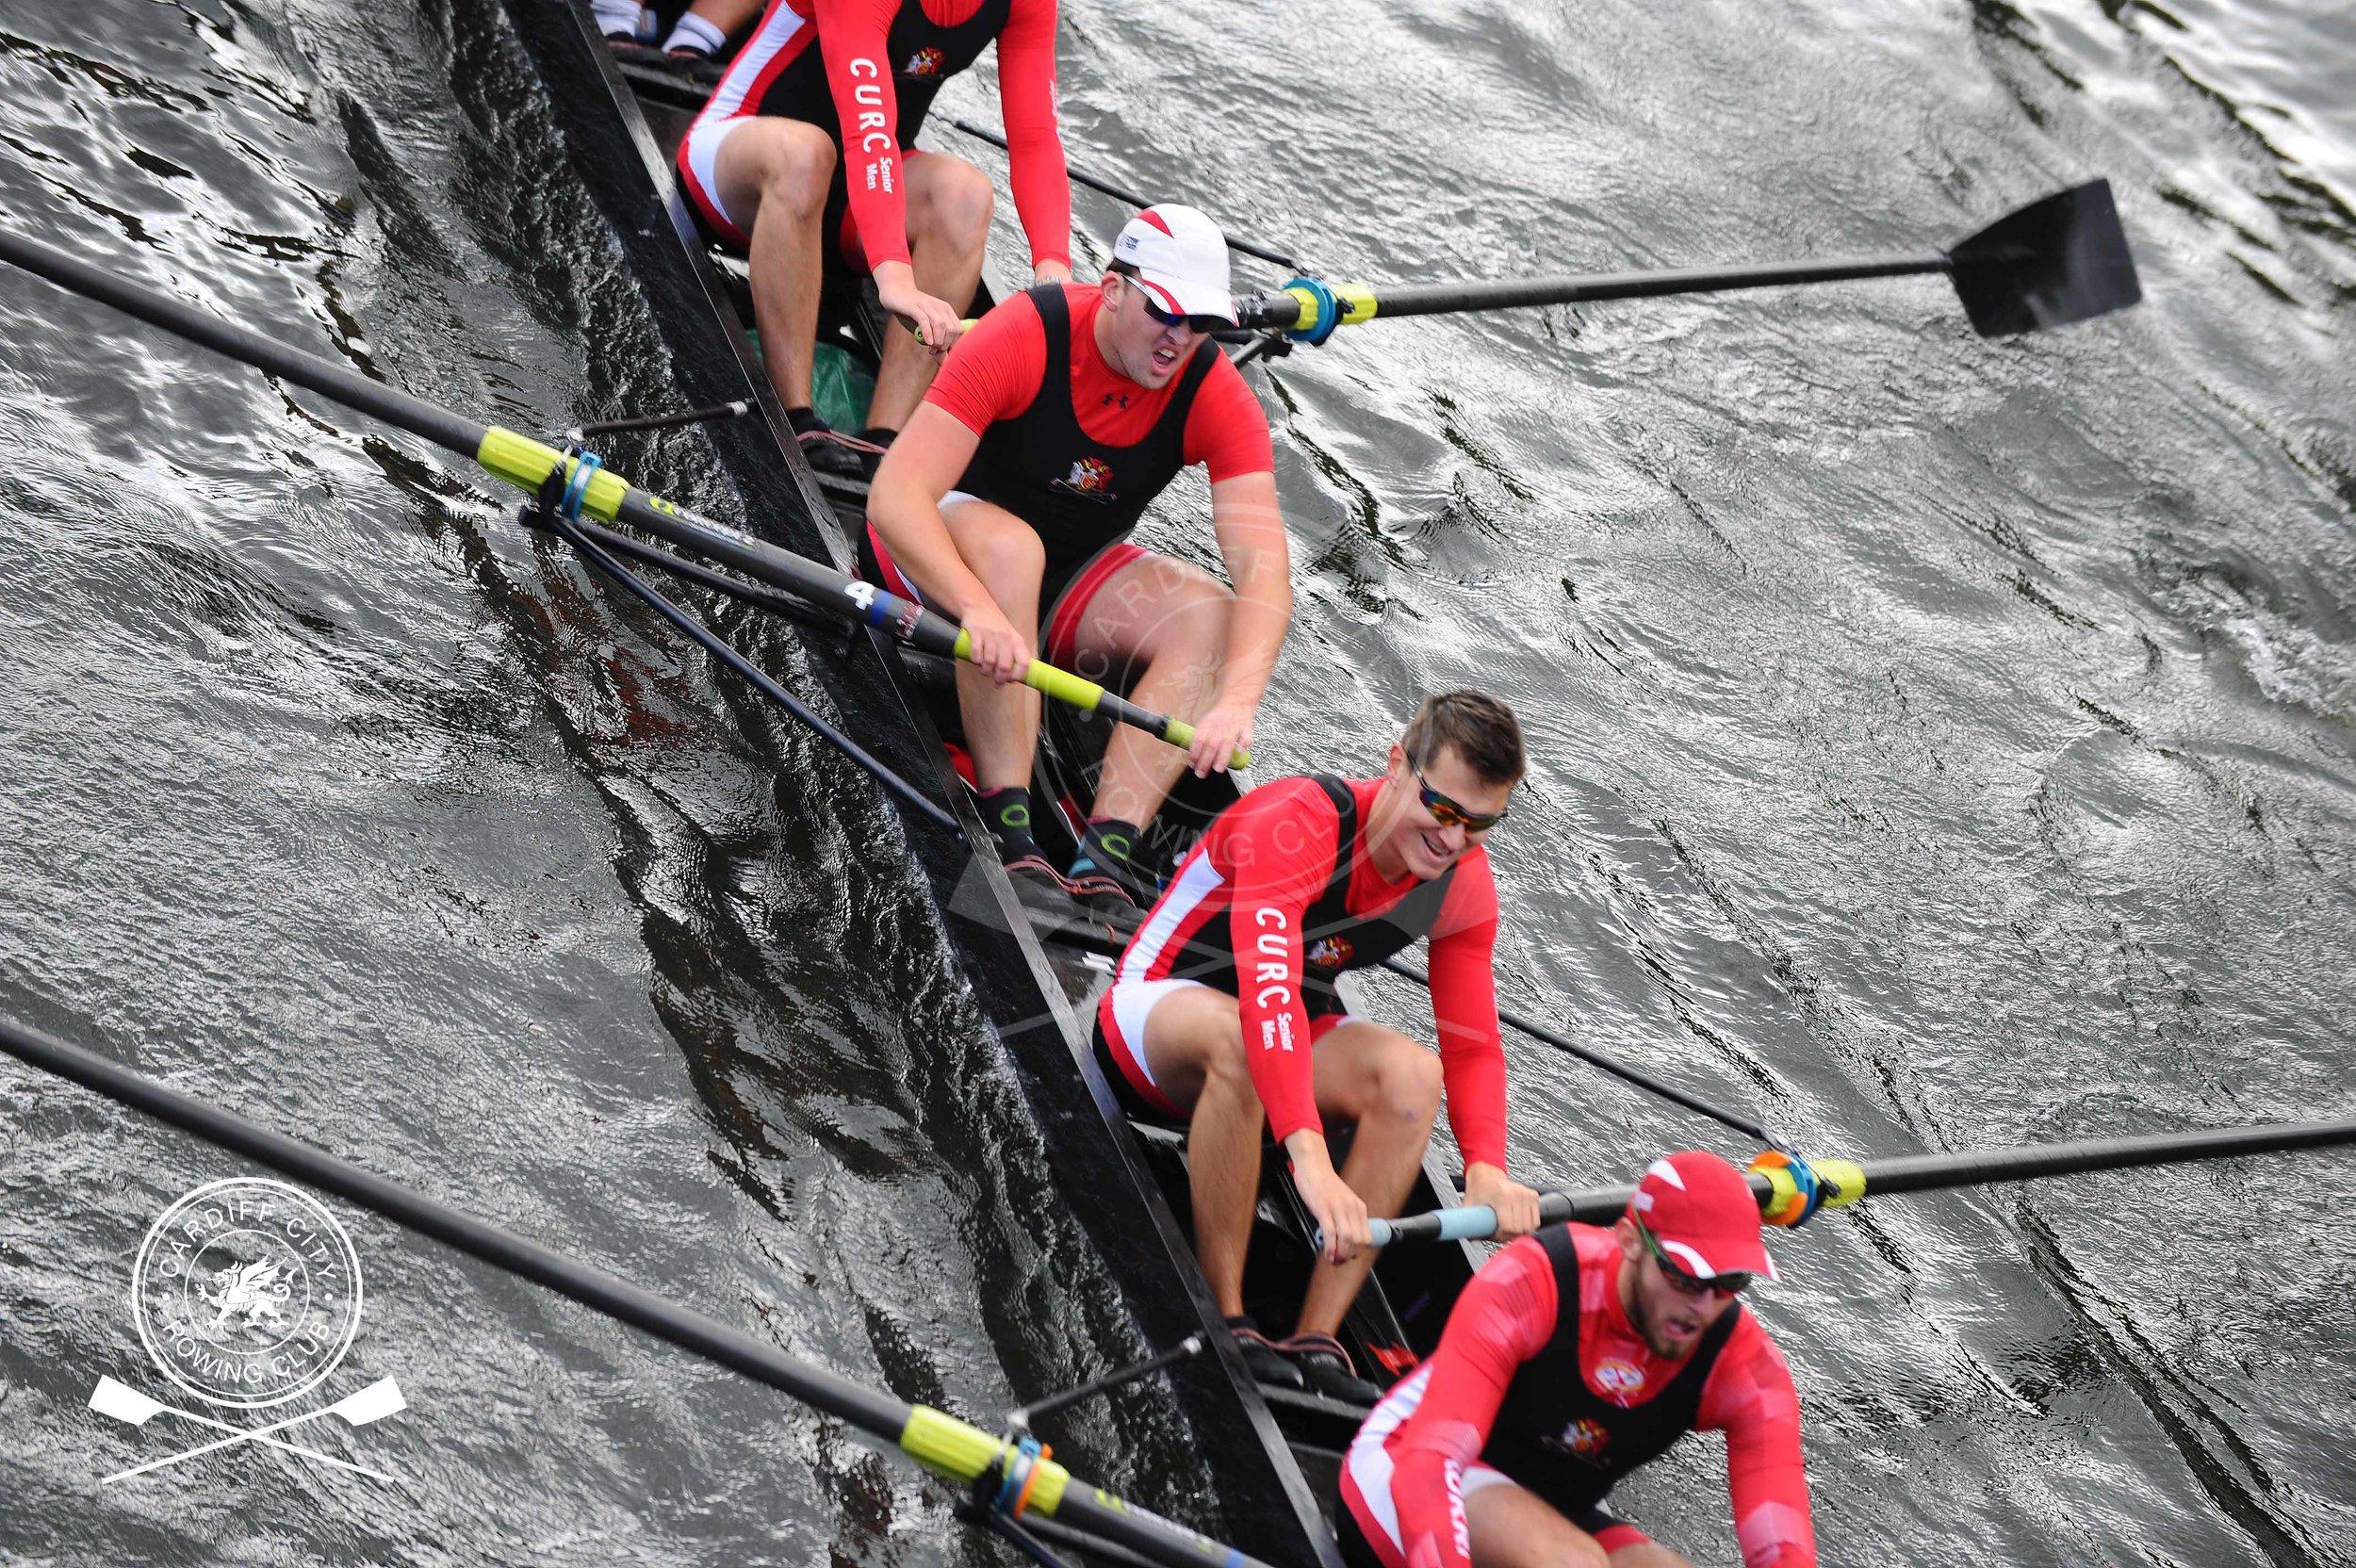 Cardiff_City_Head_Race_228.jpg